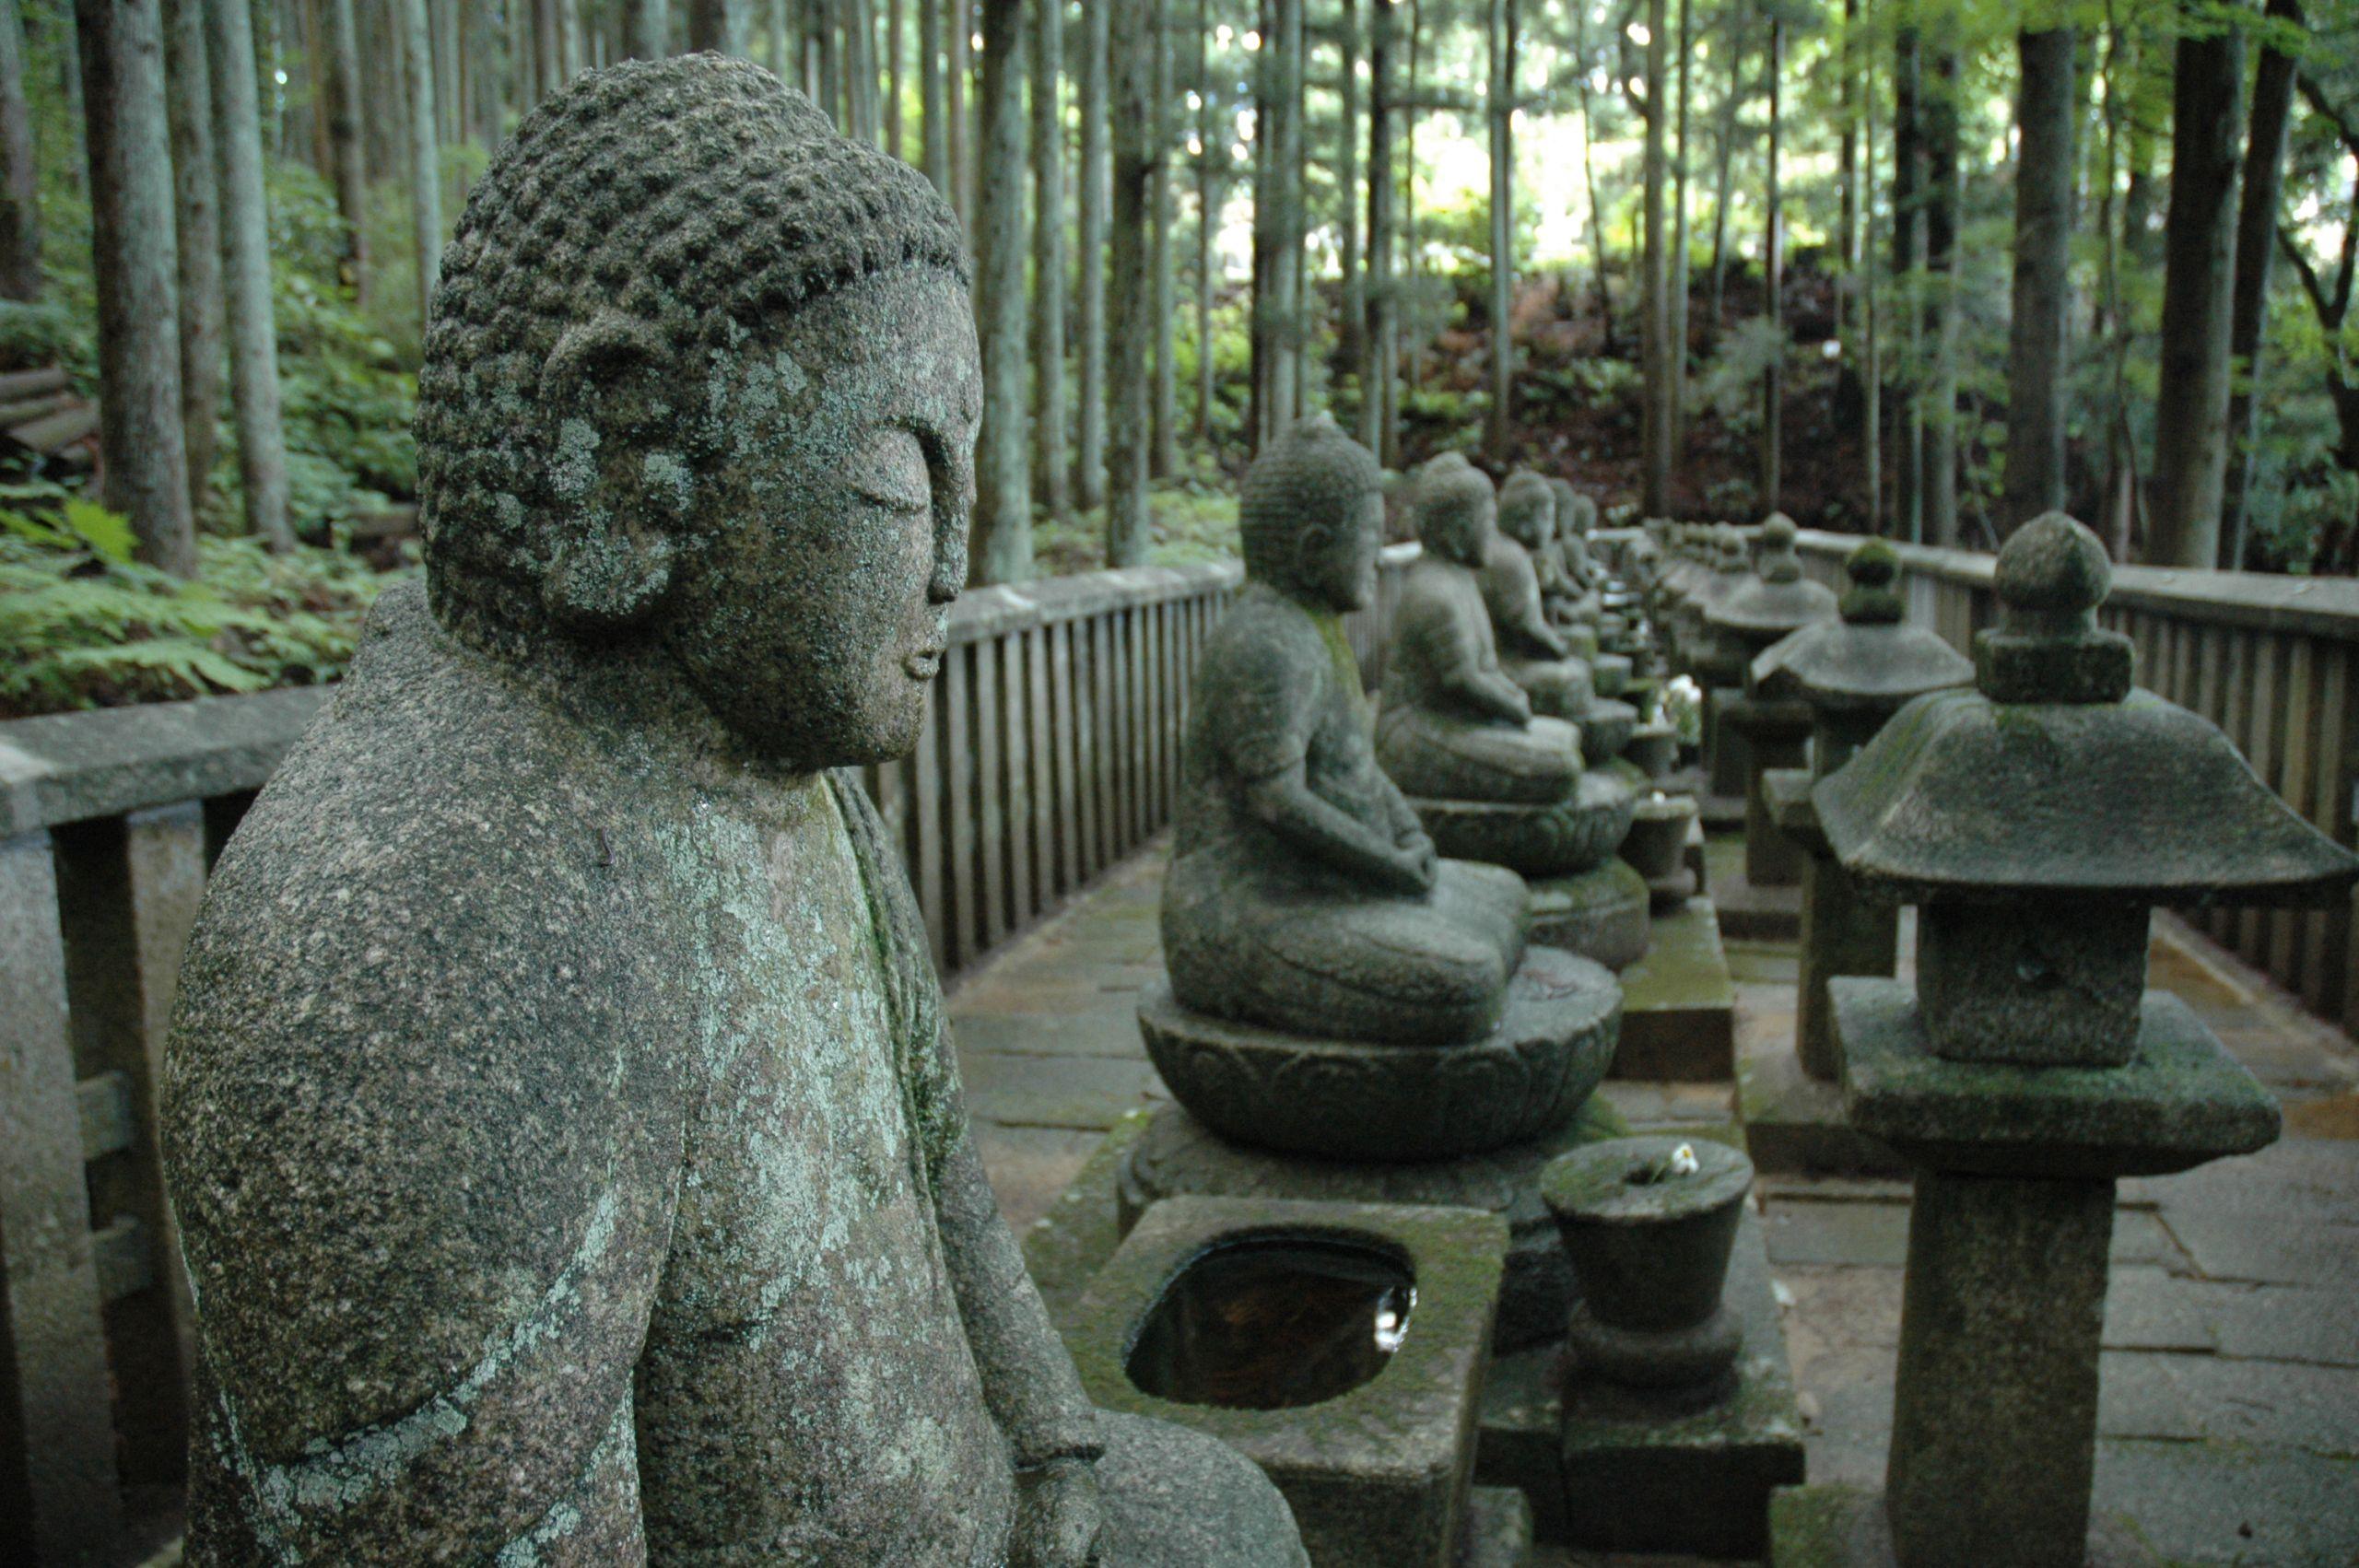 租腳踏車,來趟神社佛寺之旅「片倉御廟所」「傑山寺」